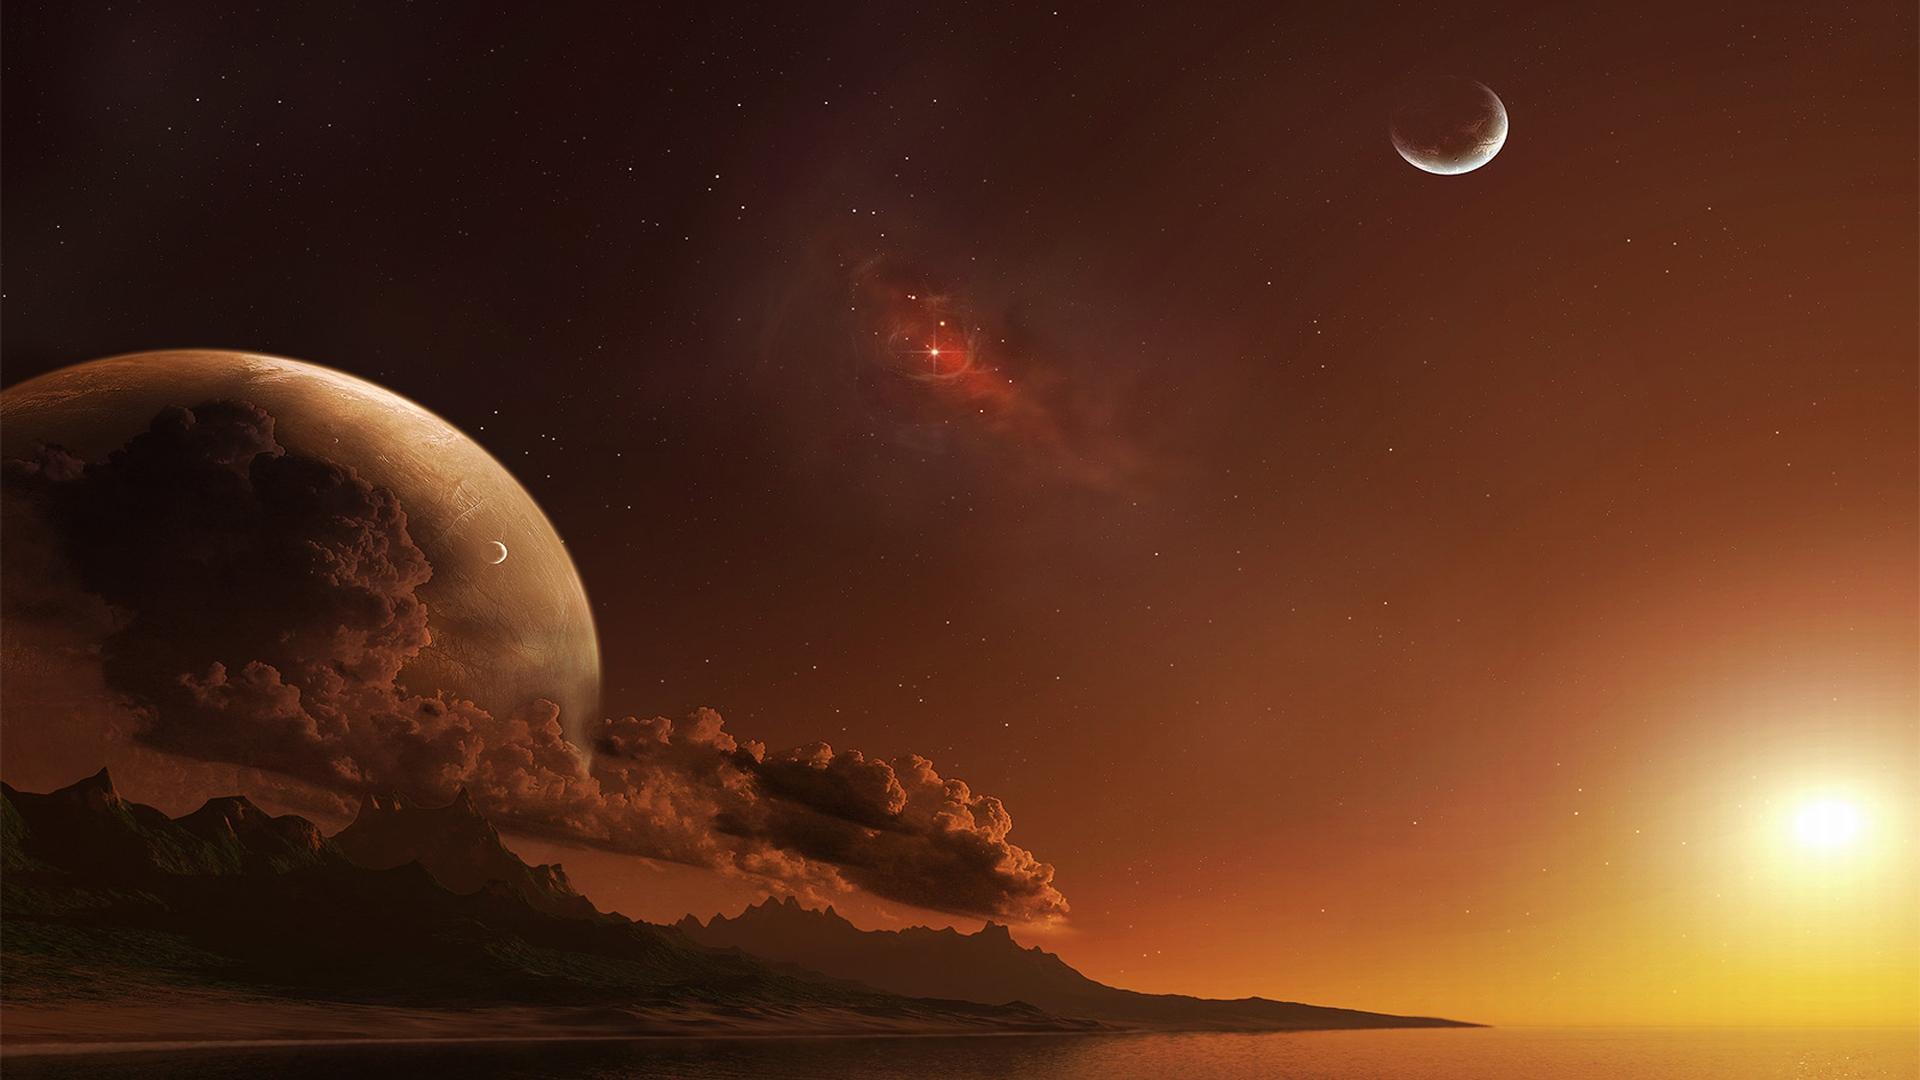 Побережье на фоне других планет скачать